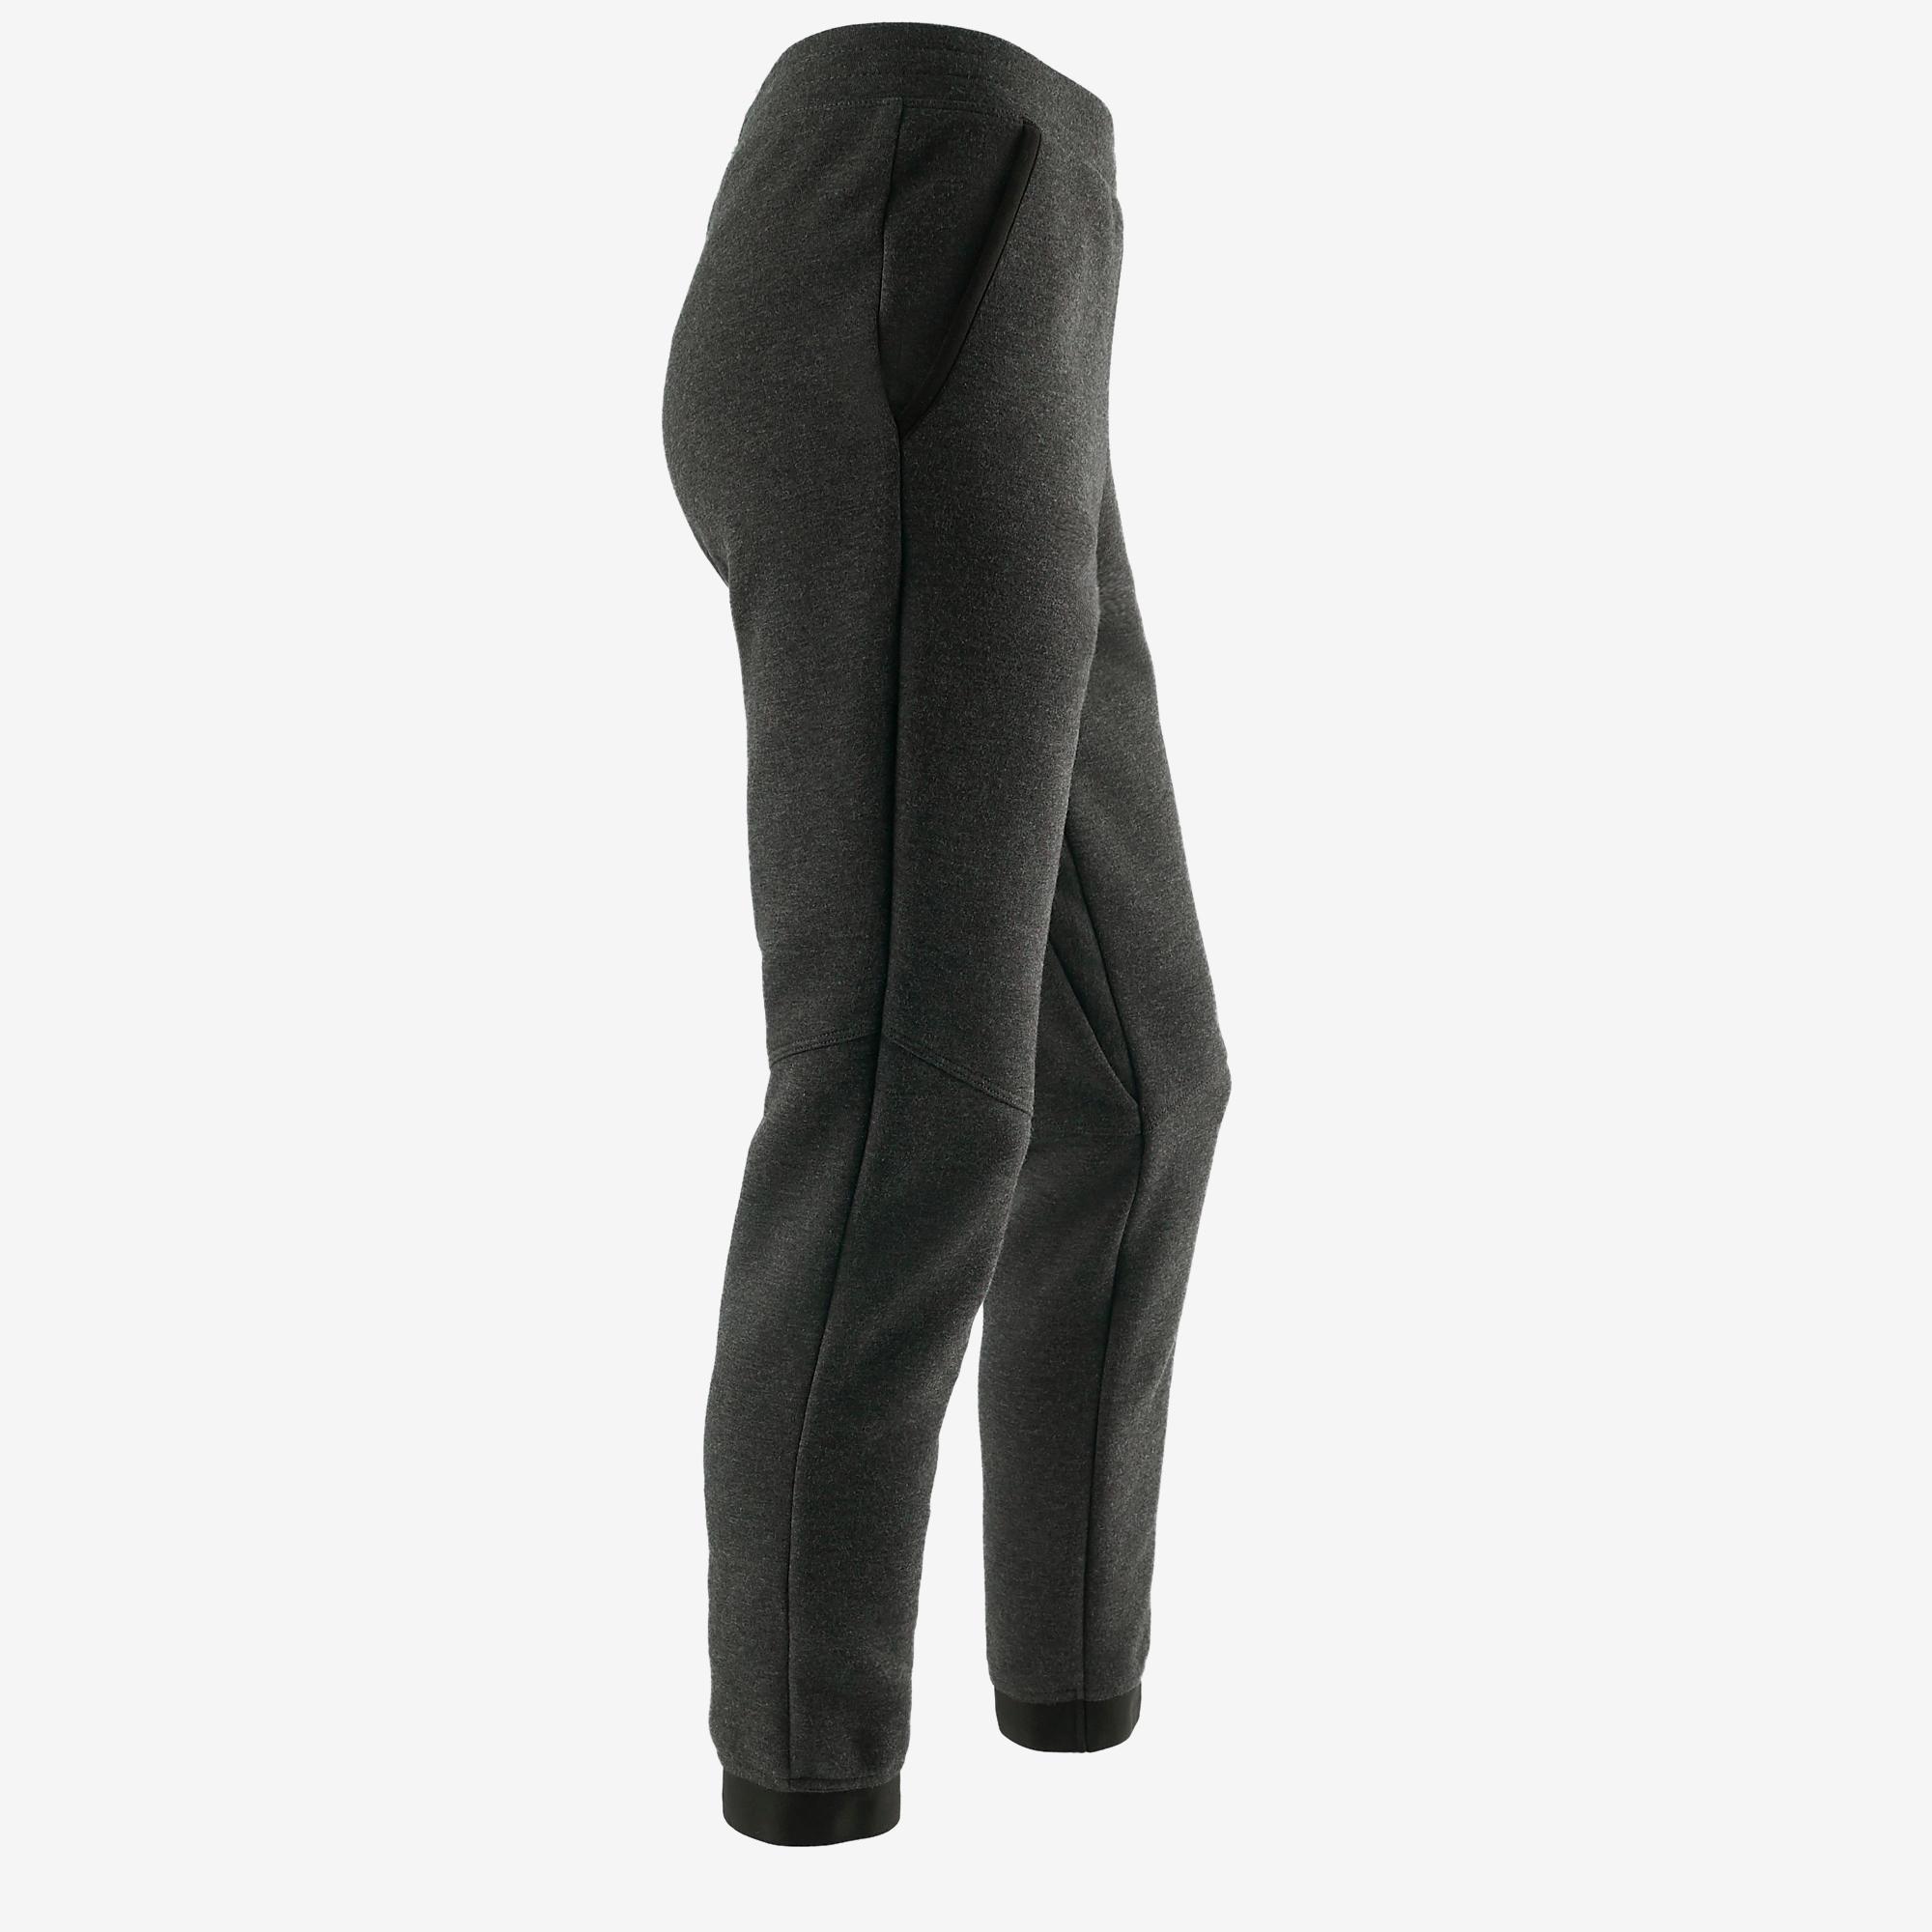 500 Spacer Girls' Gym Bottoms - Dark Grey